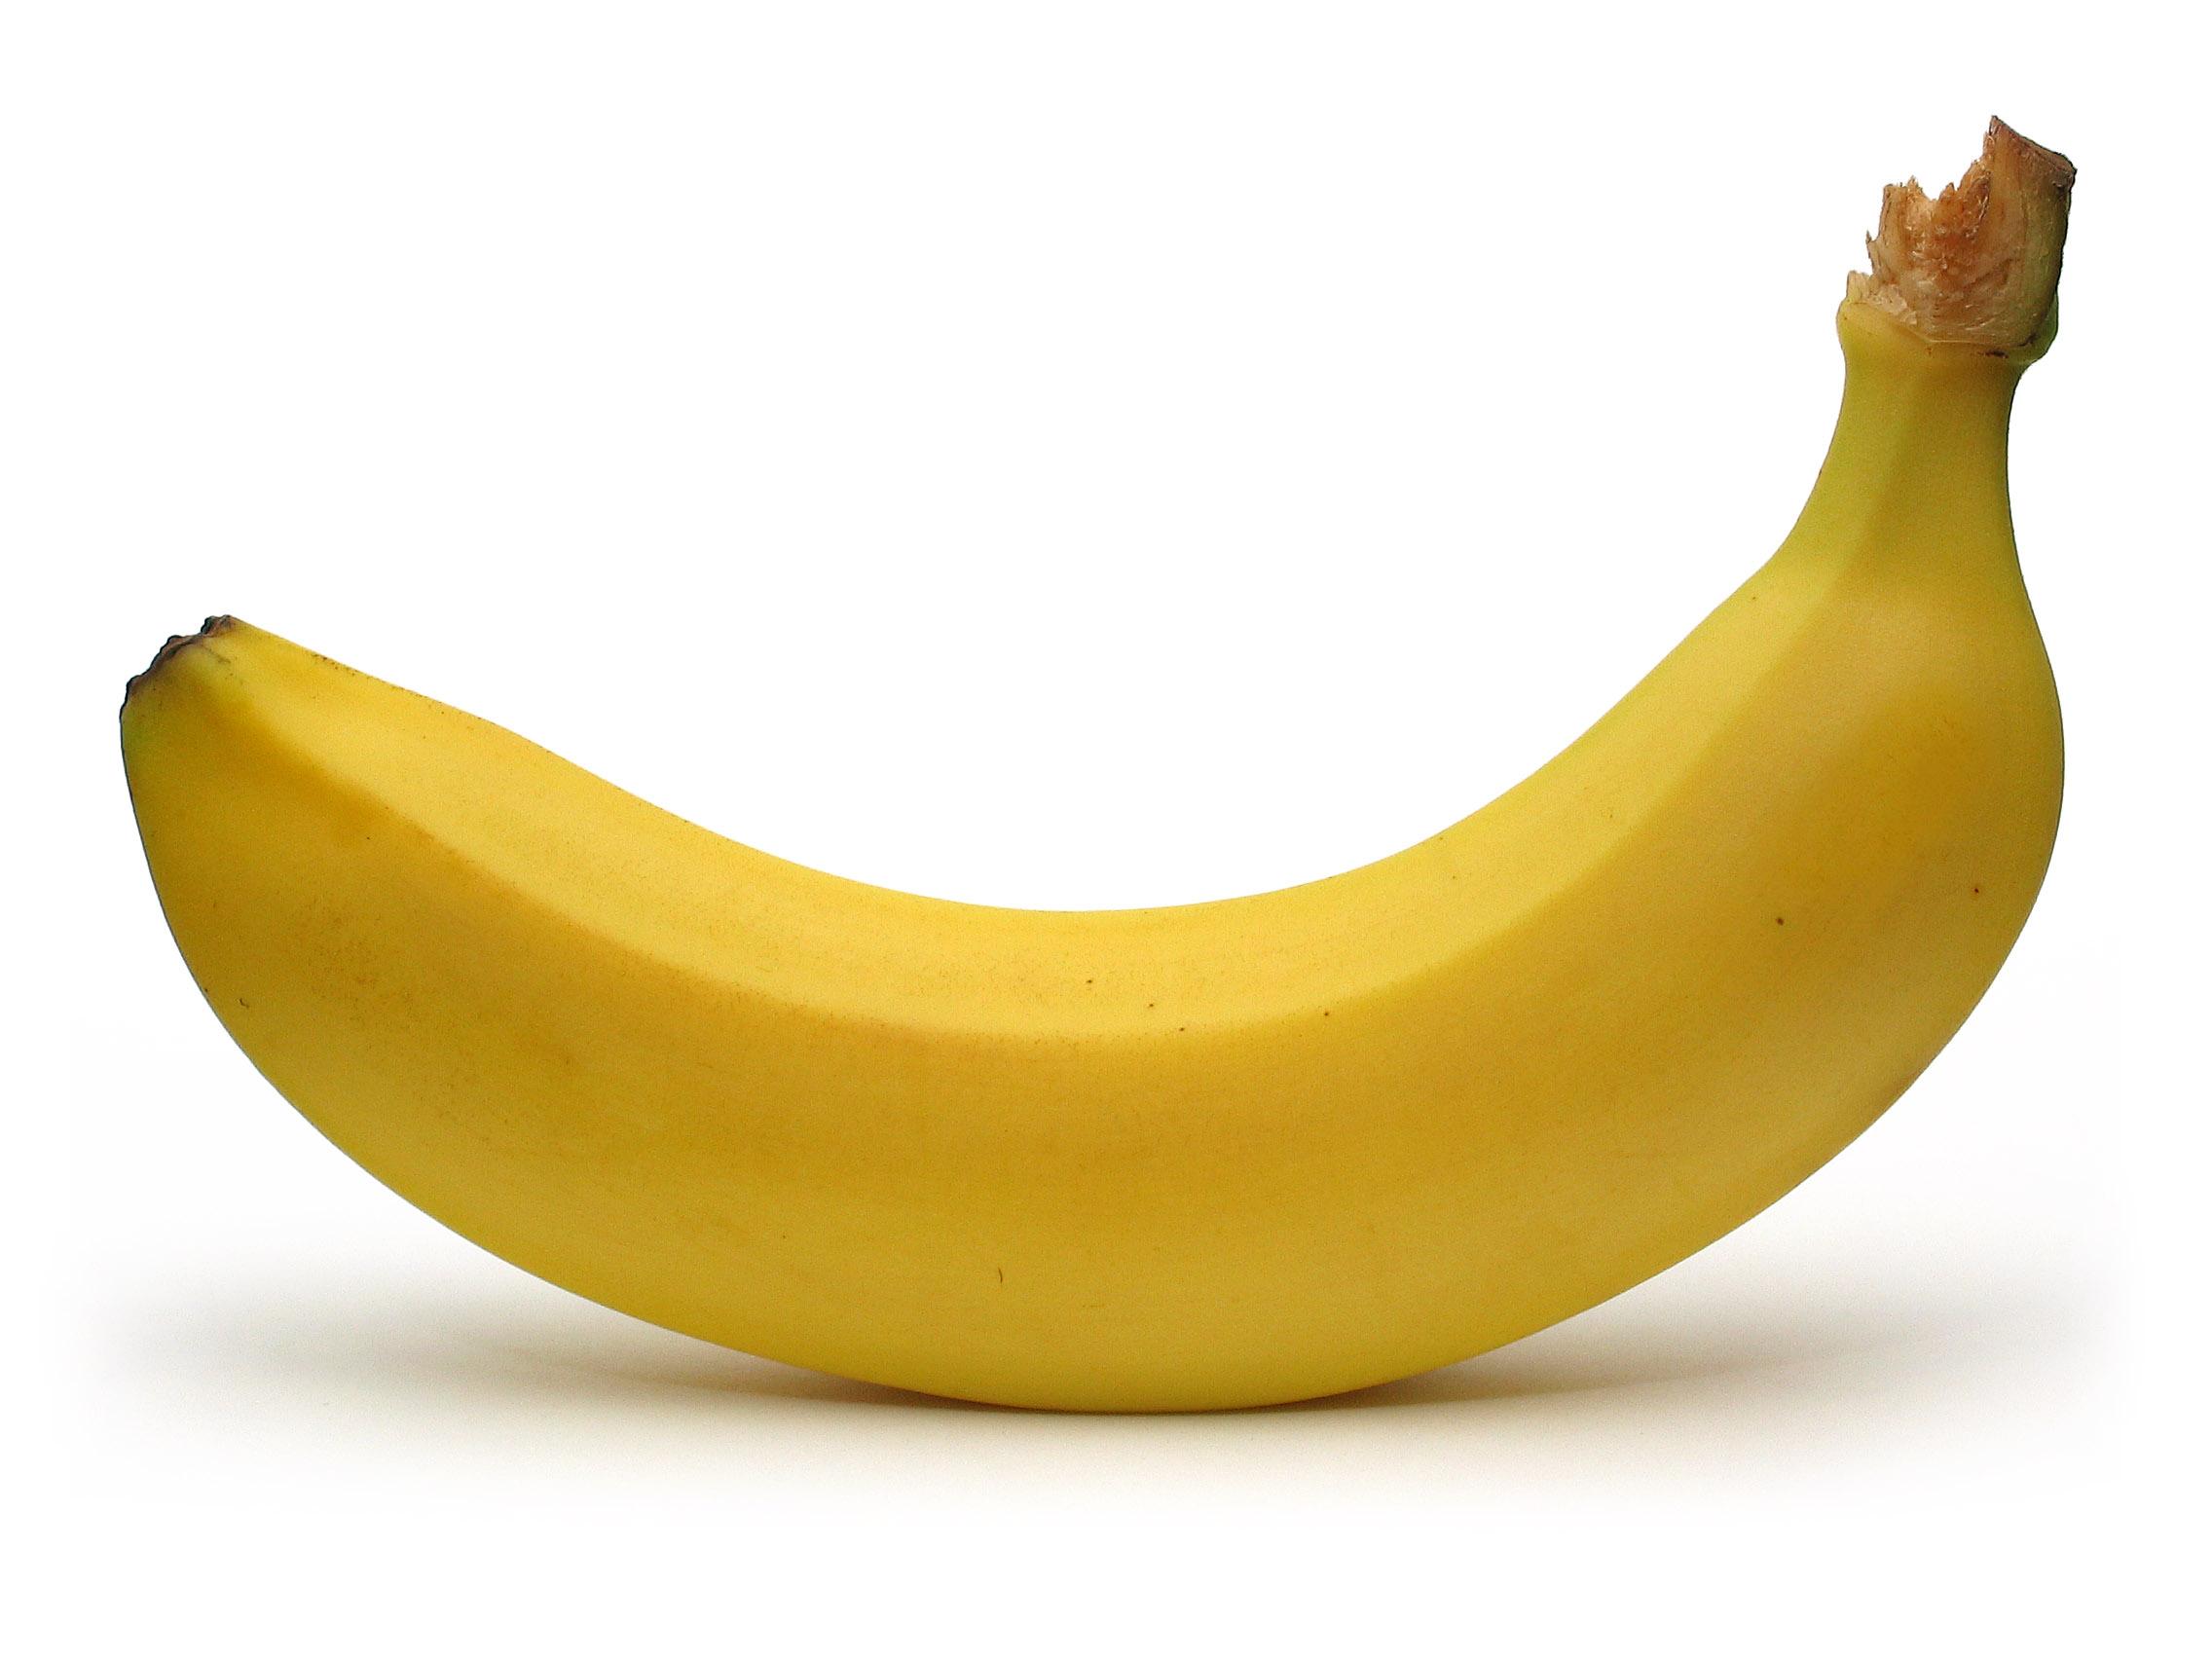 Член в кожуру от банана 10 фотография